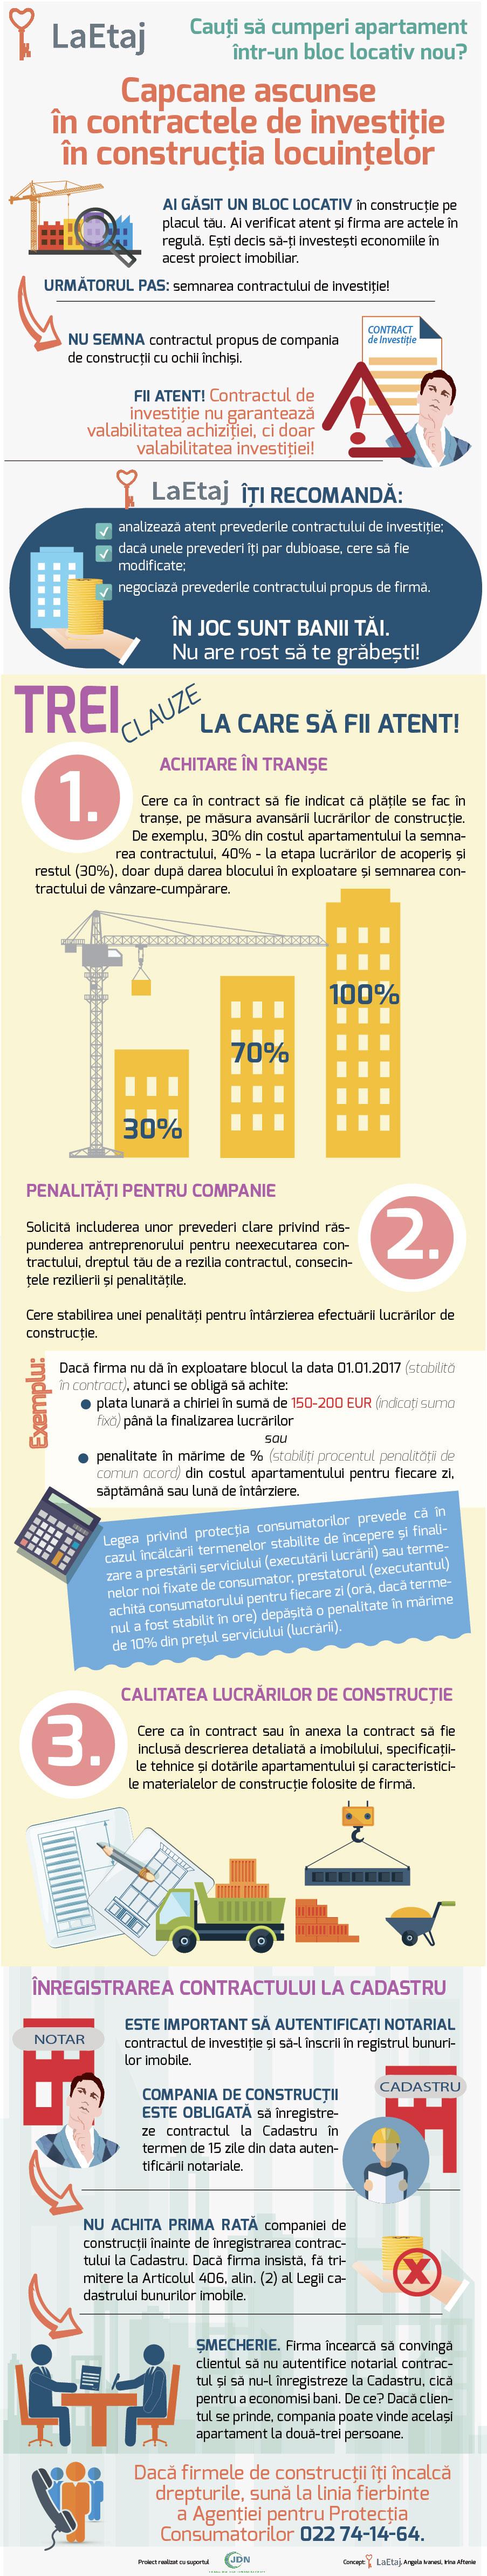 3-infografica-1-01